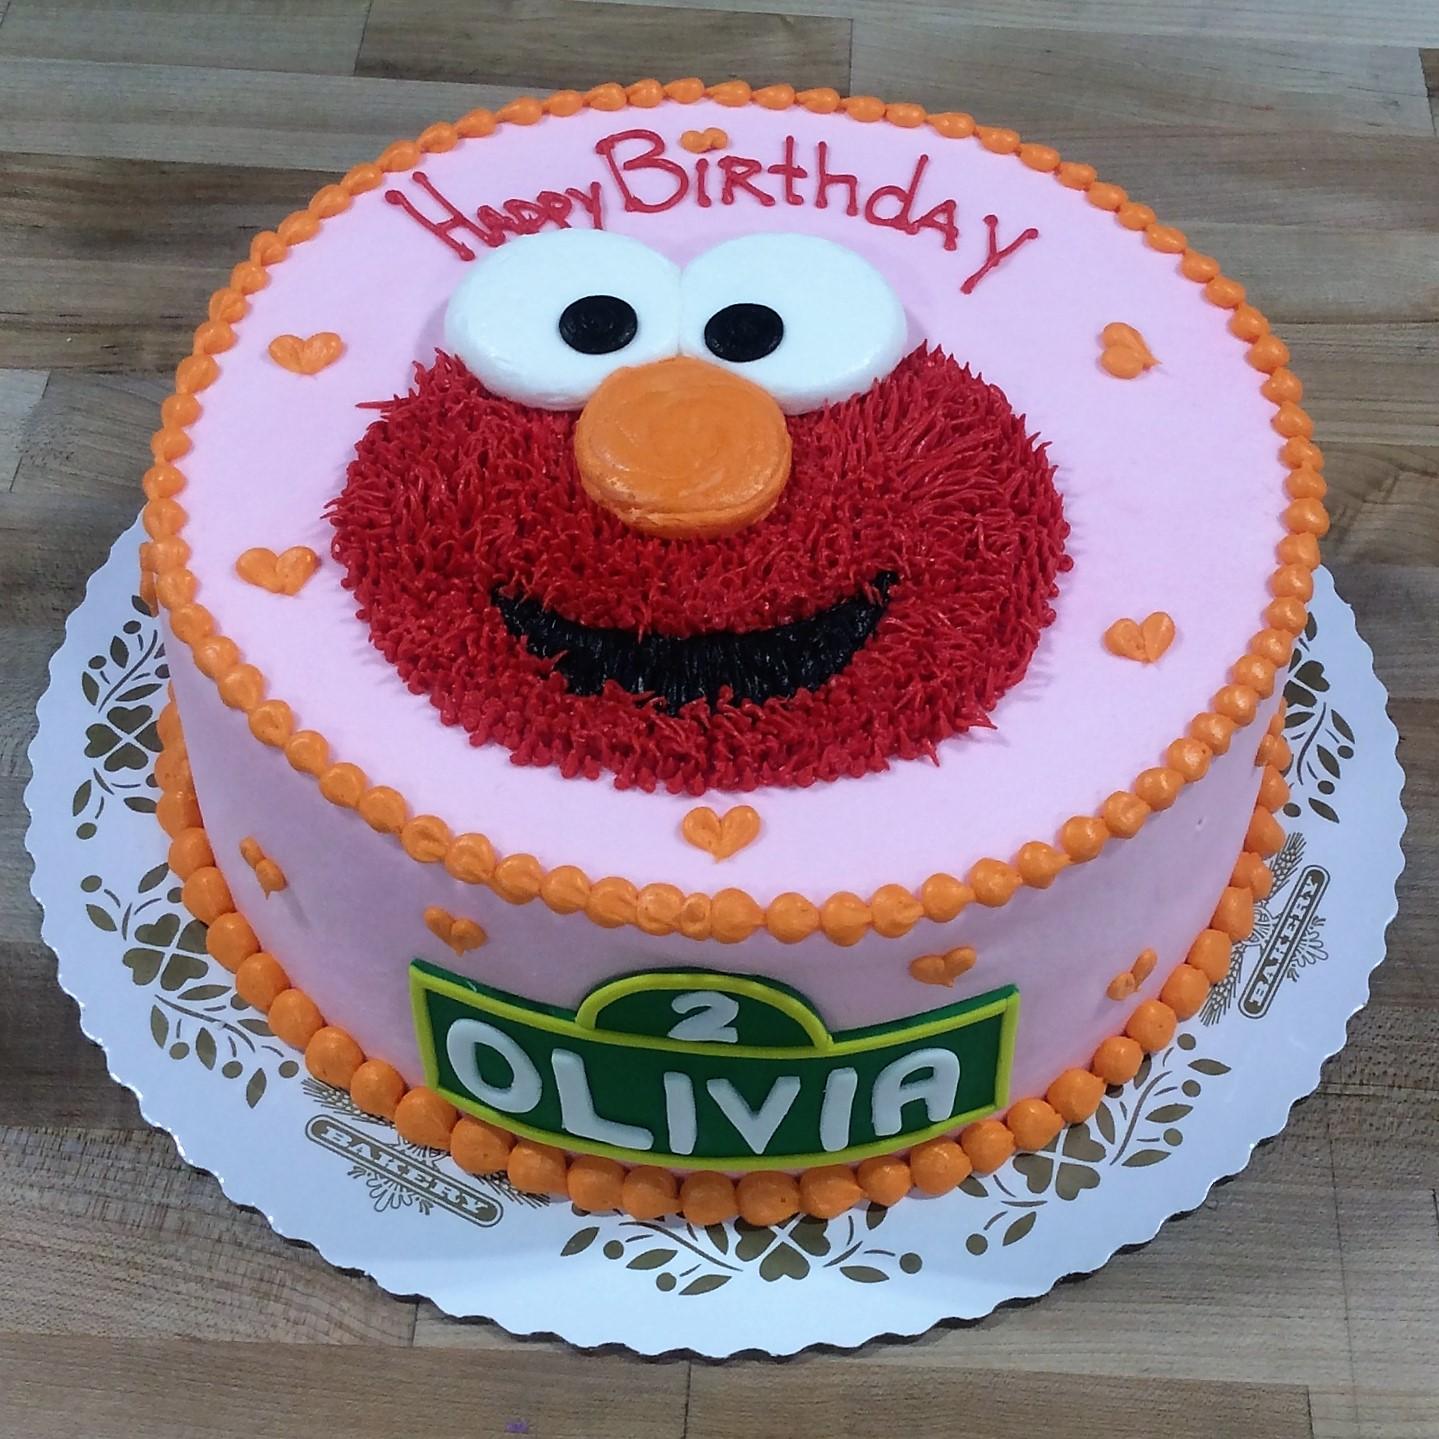 Sesame Street Character Cake Trefzger S Bakery